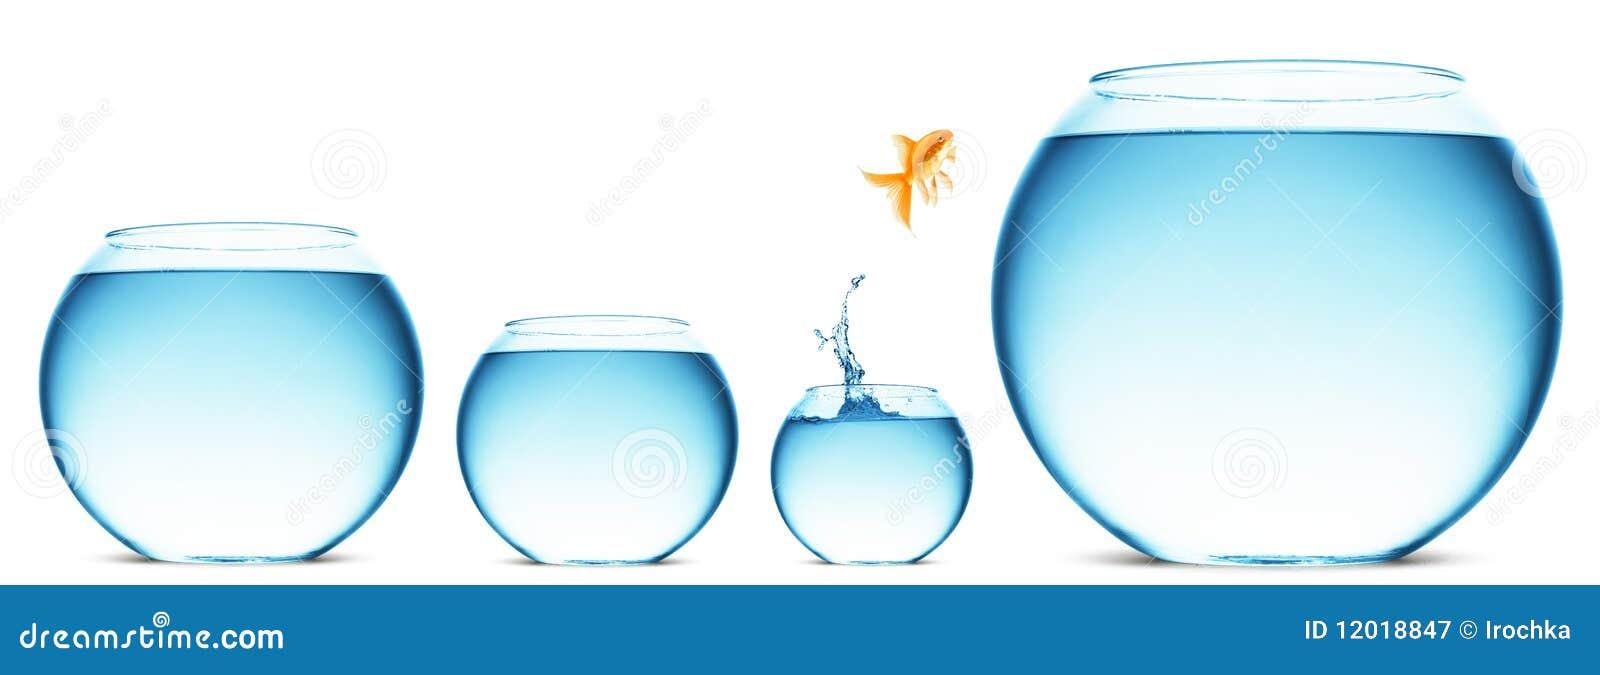 Hoppa guldfisk